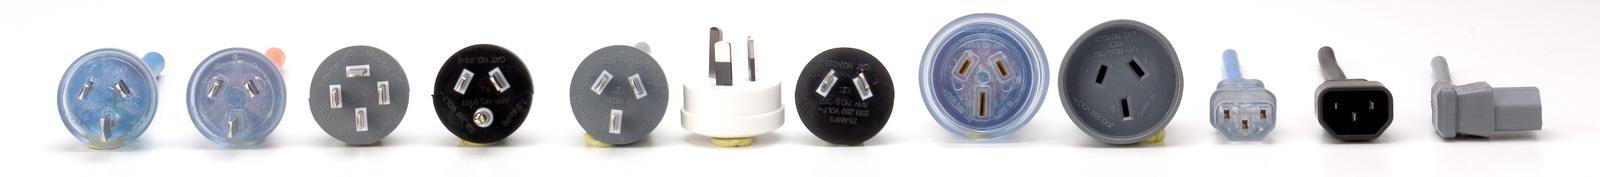 Plug and Cord